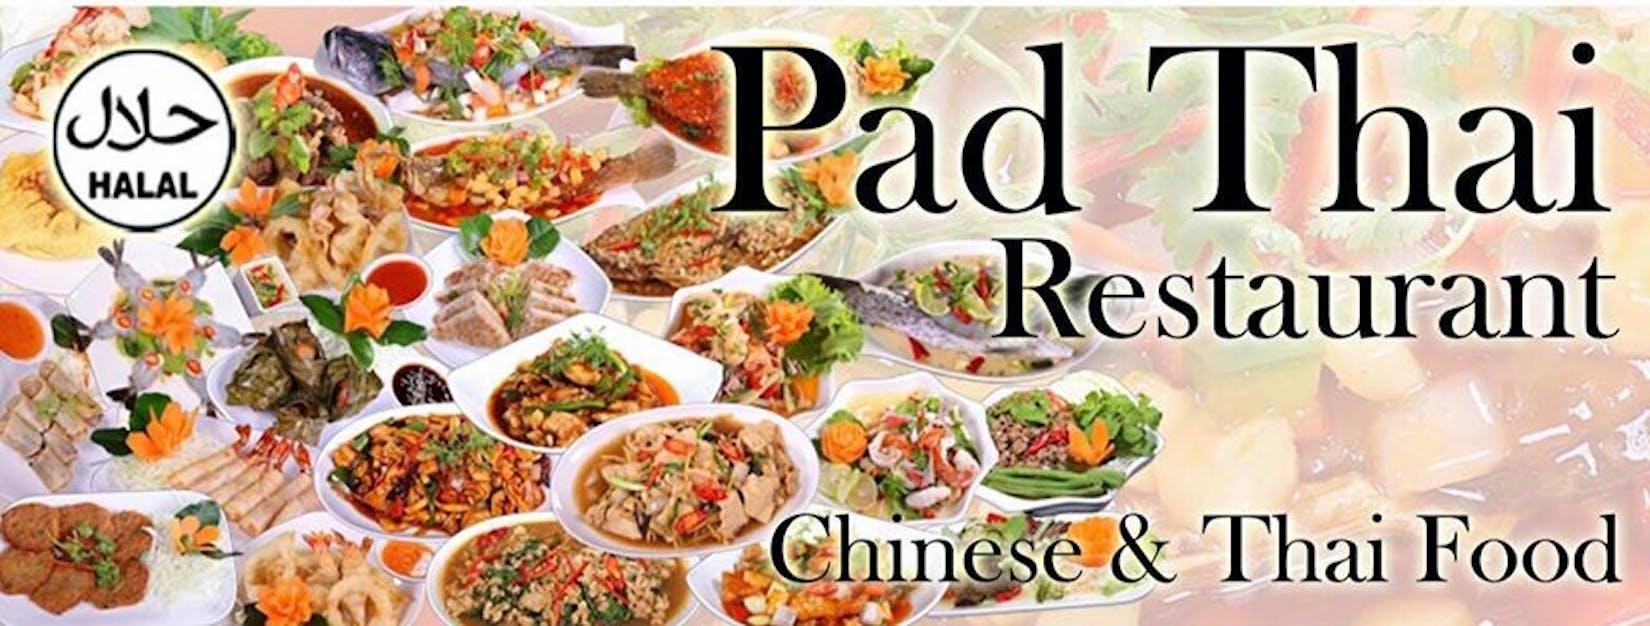 Pad Thai Restaurant Myanmar   yathar